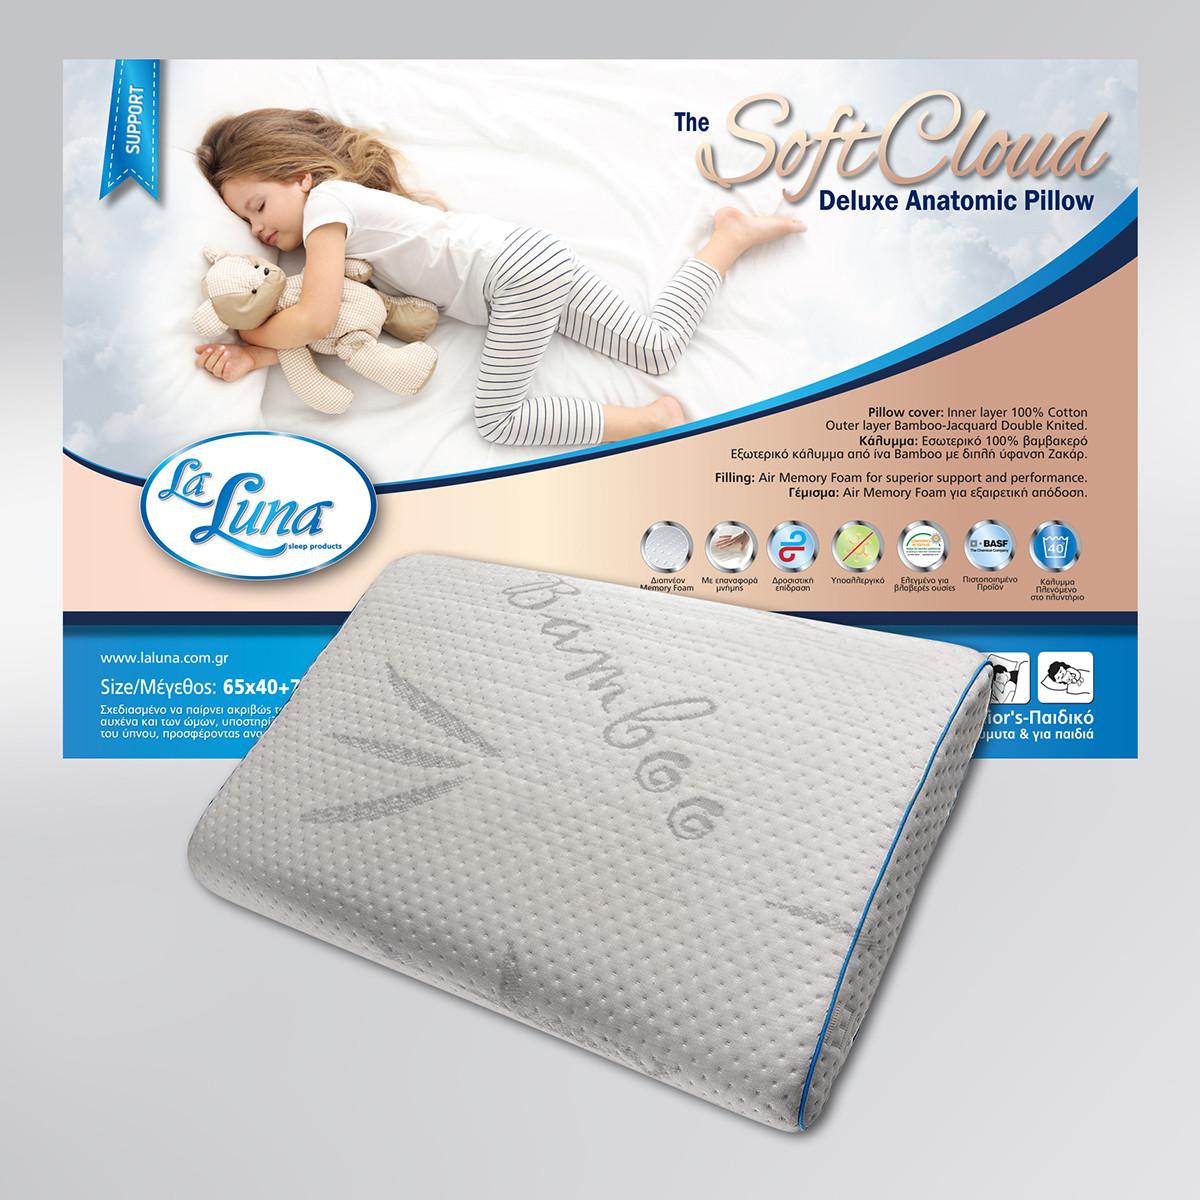 Παιδικό Μαξιλάρι Ανατομικό La Luna Soft Cloud Deluxe